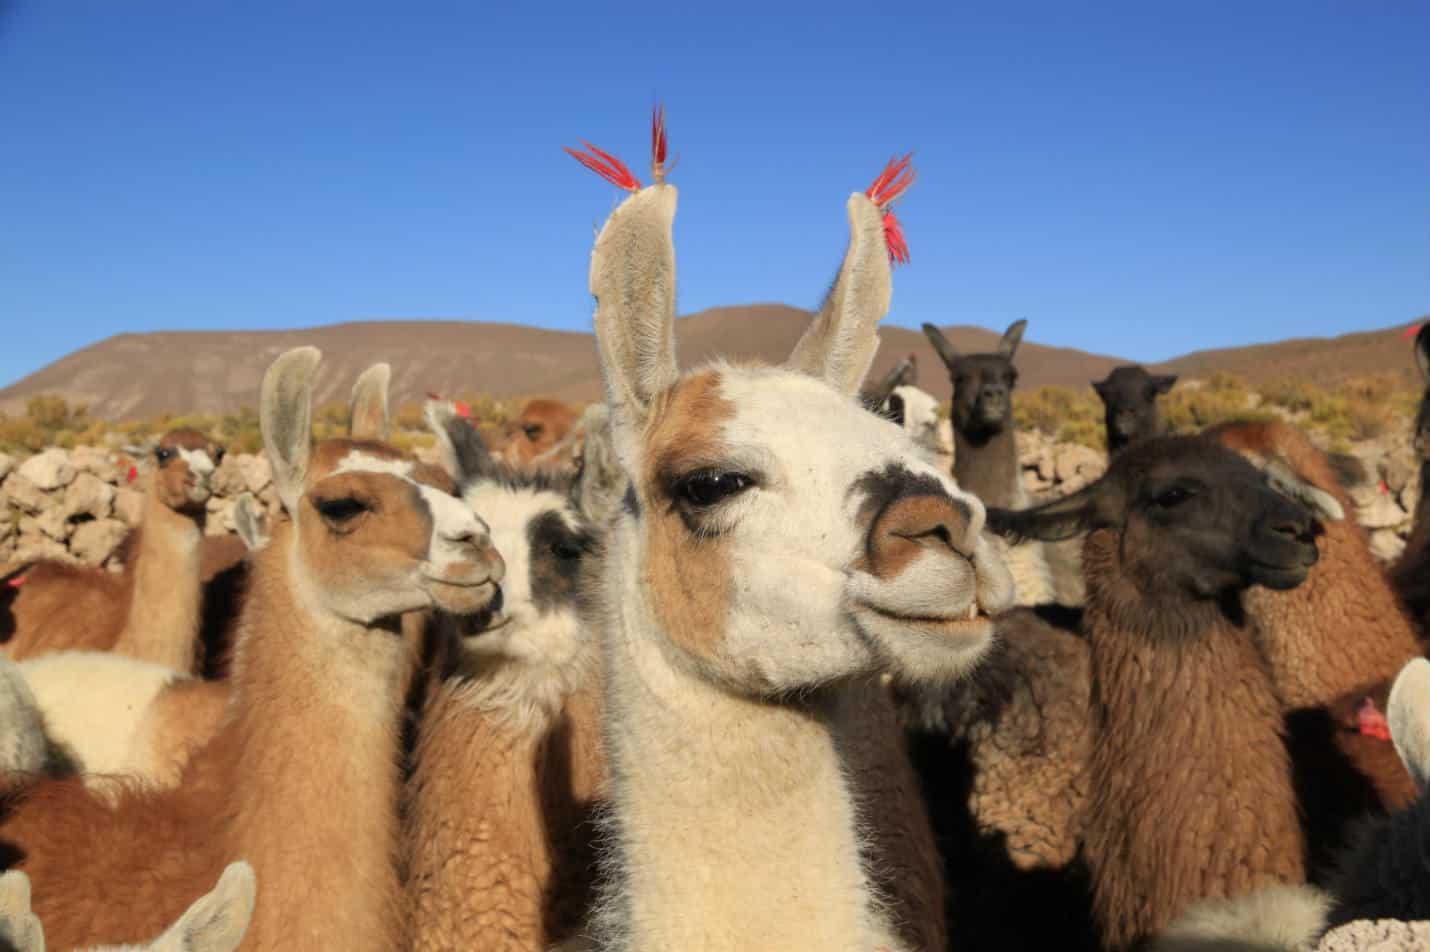 Warum spucken Lamas?